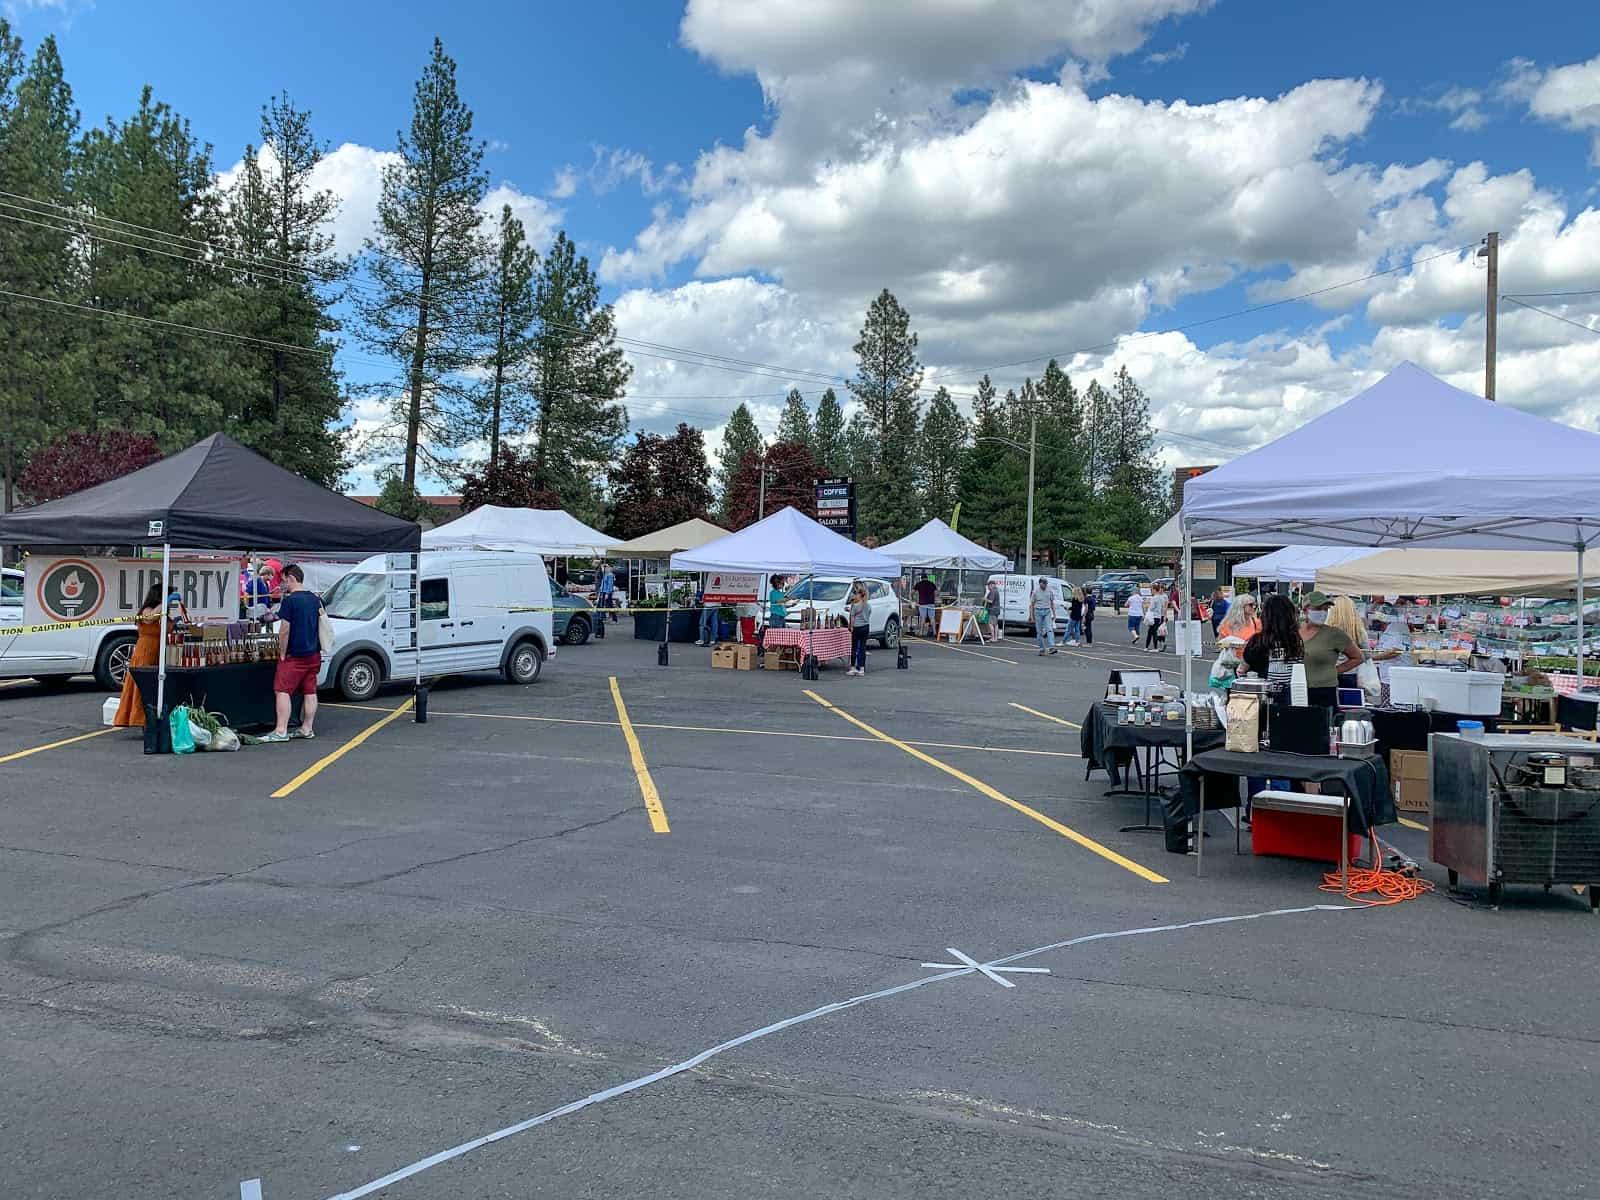 Spokane farmers markets